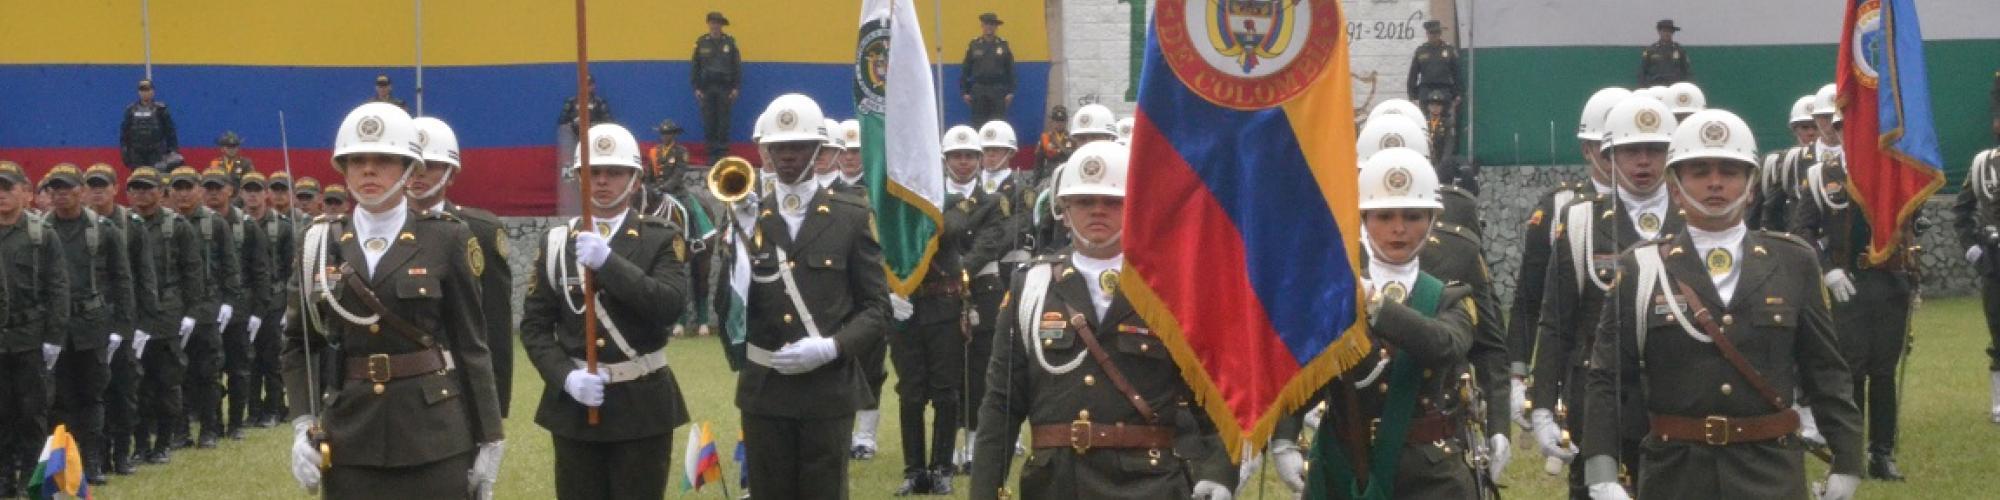 """Escuela de Policía """"Carlos Eugenio Restrepo"""" - ESCER"""